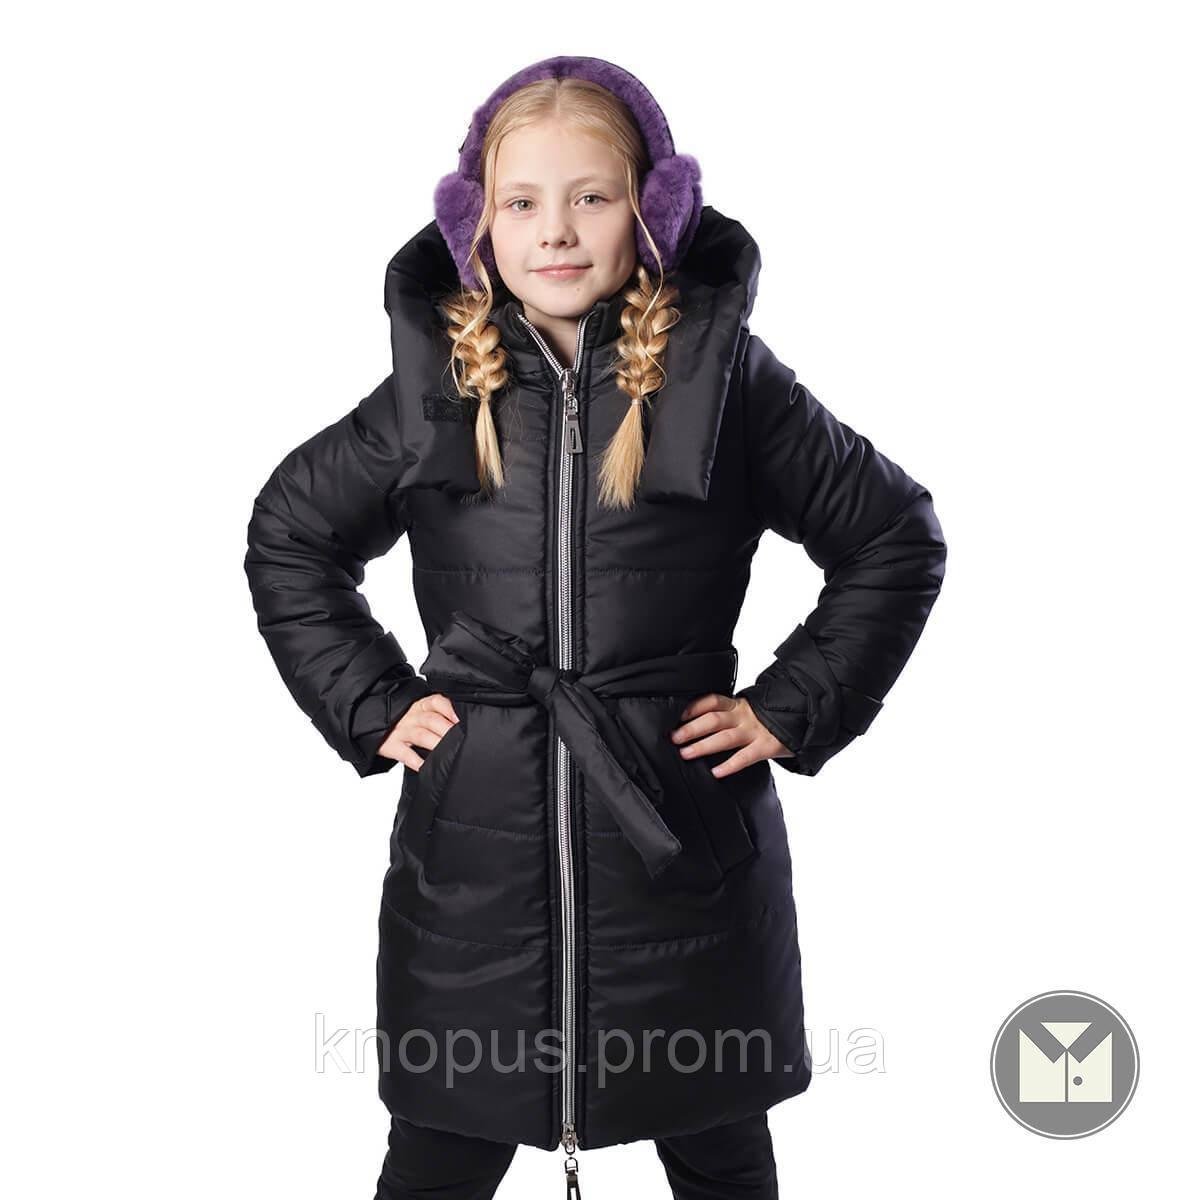 Куртка зимняя для девочки длинная, черная, Тимбо, размеры 122- 152